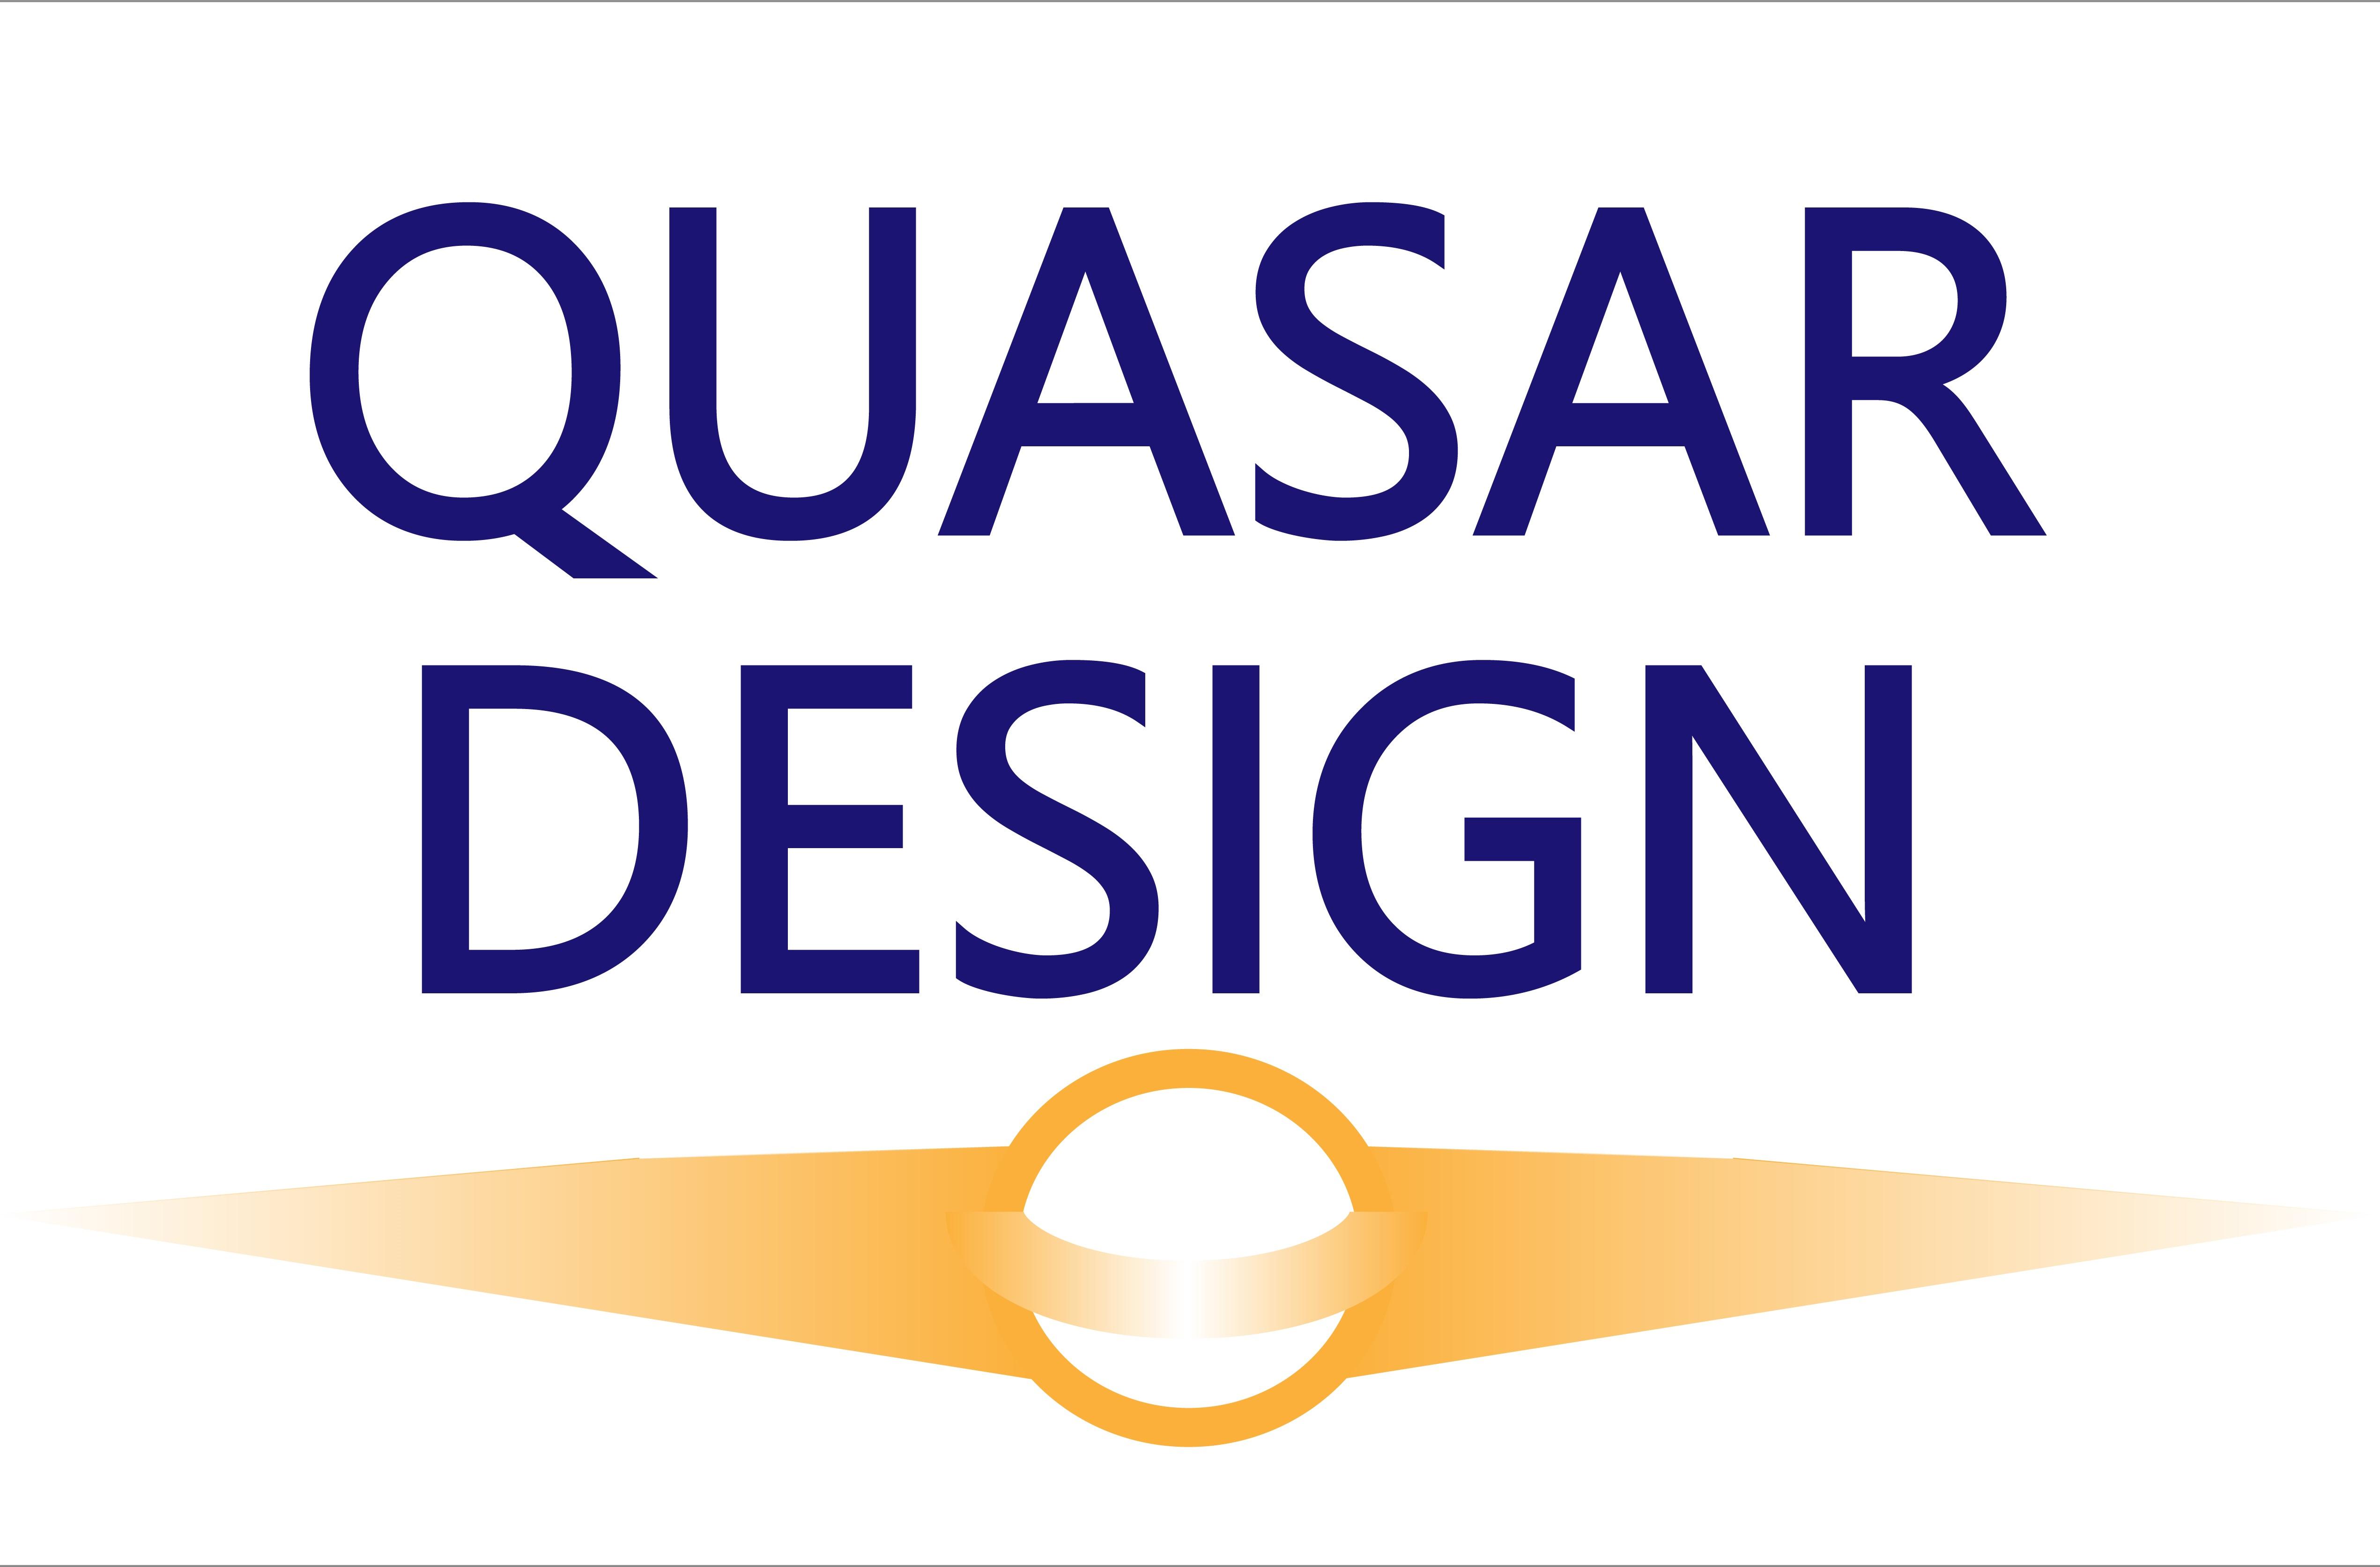 Quasar Design